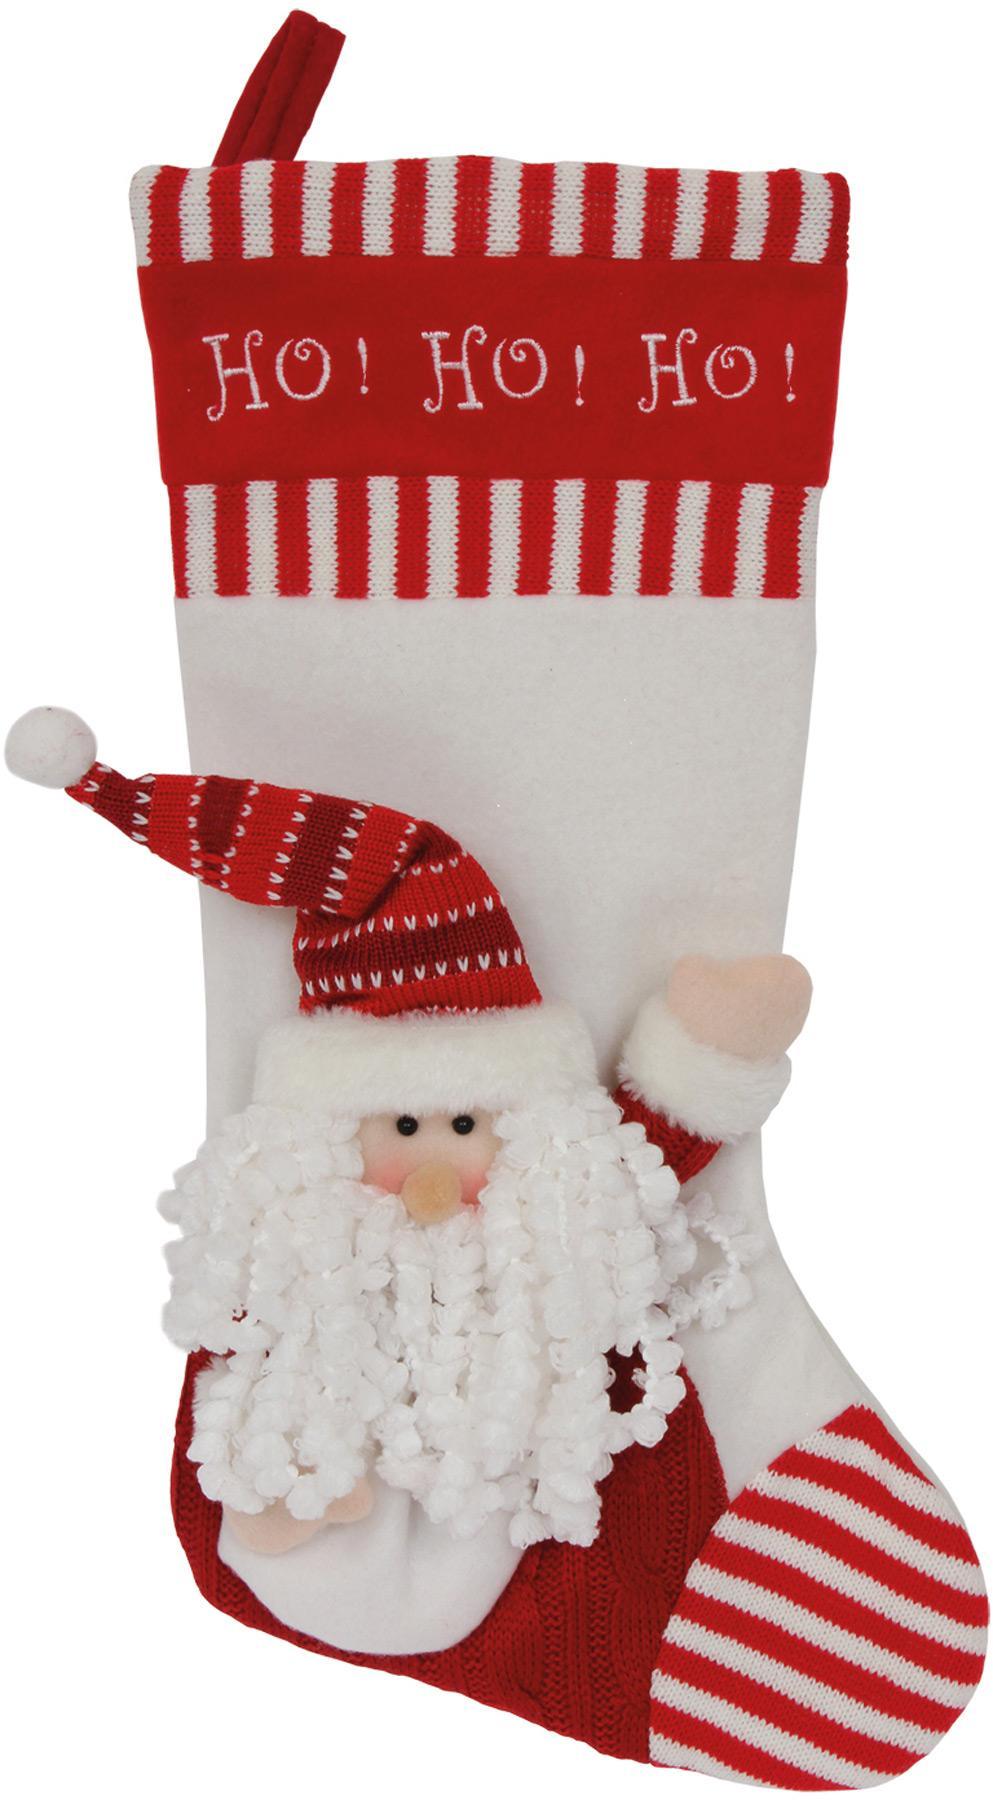 Schneemann oder Weihnachtsmann mit Wunschnamen